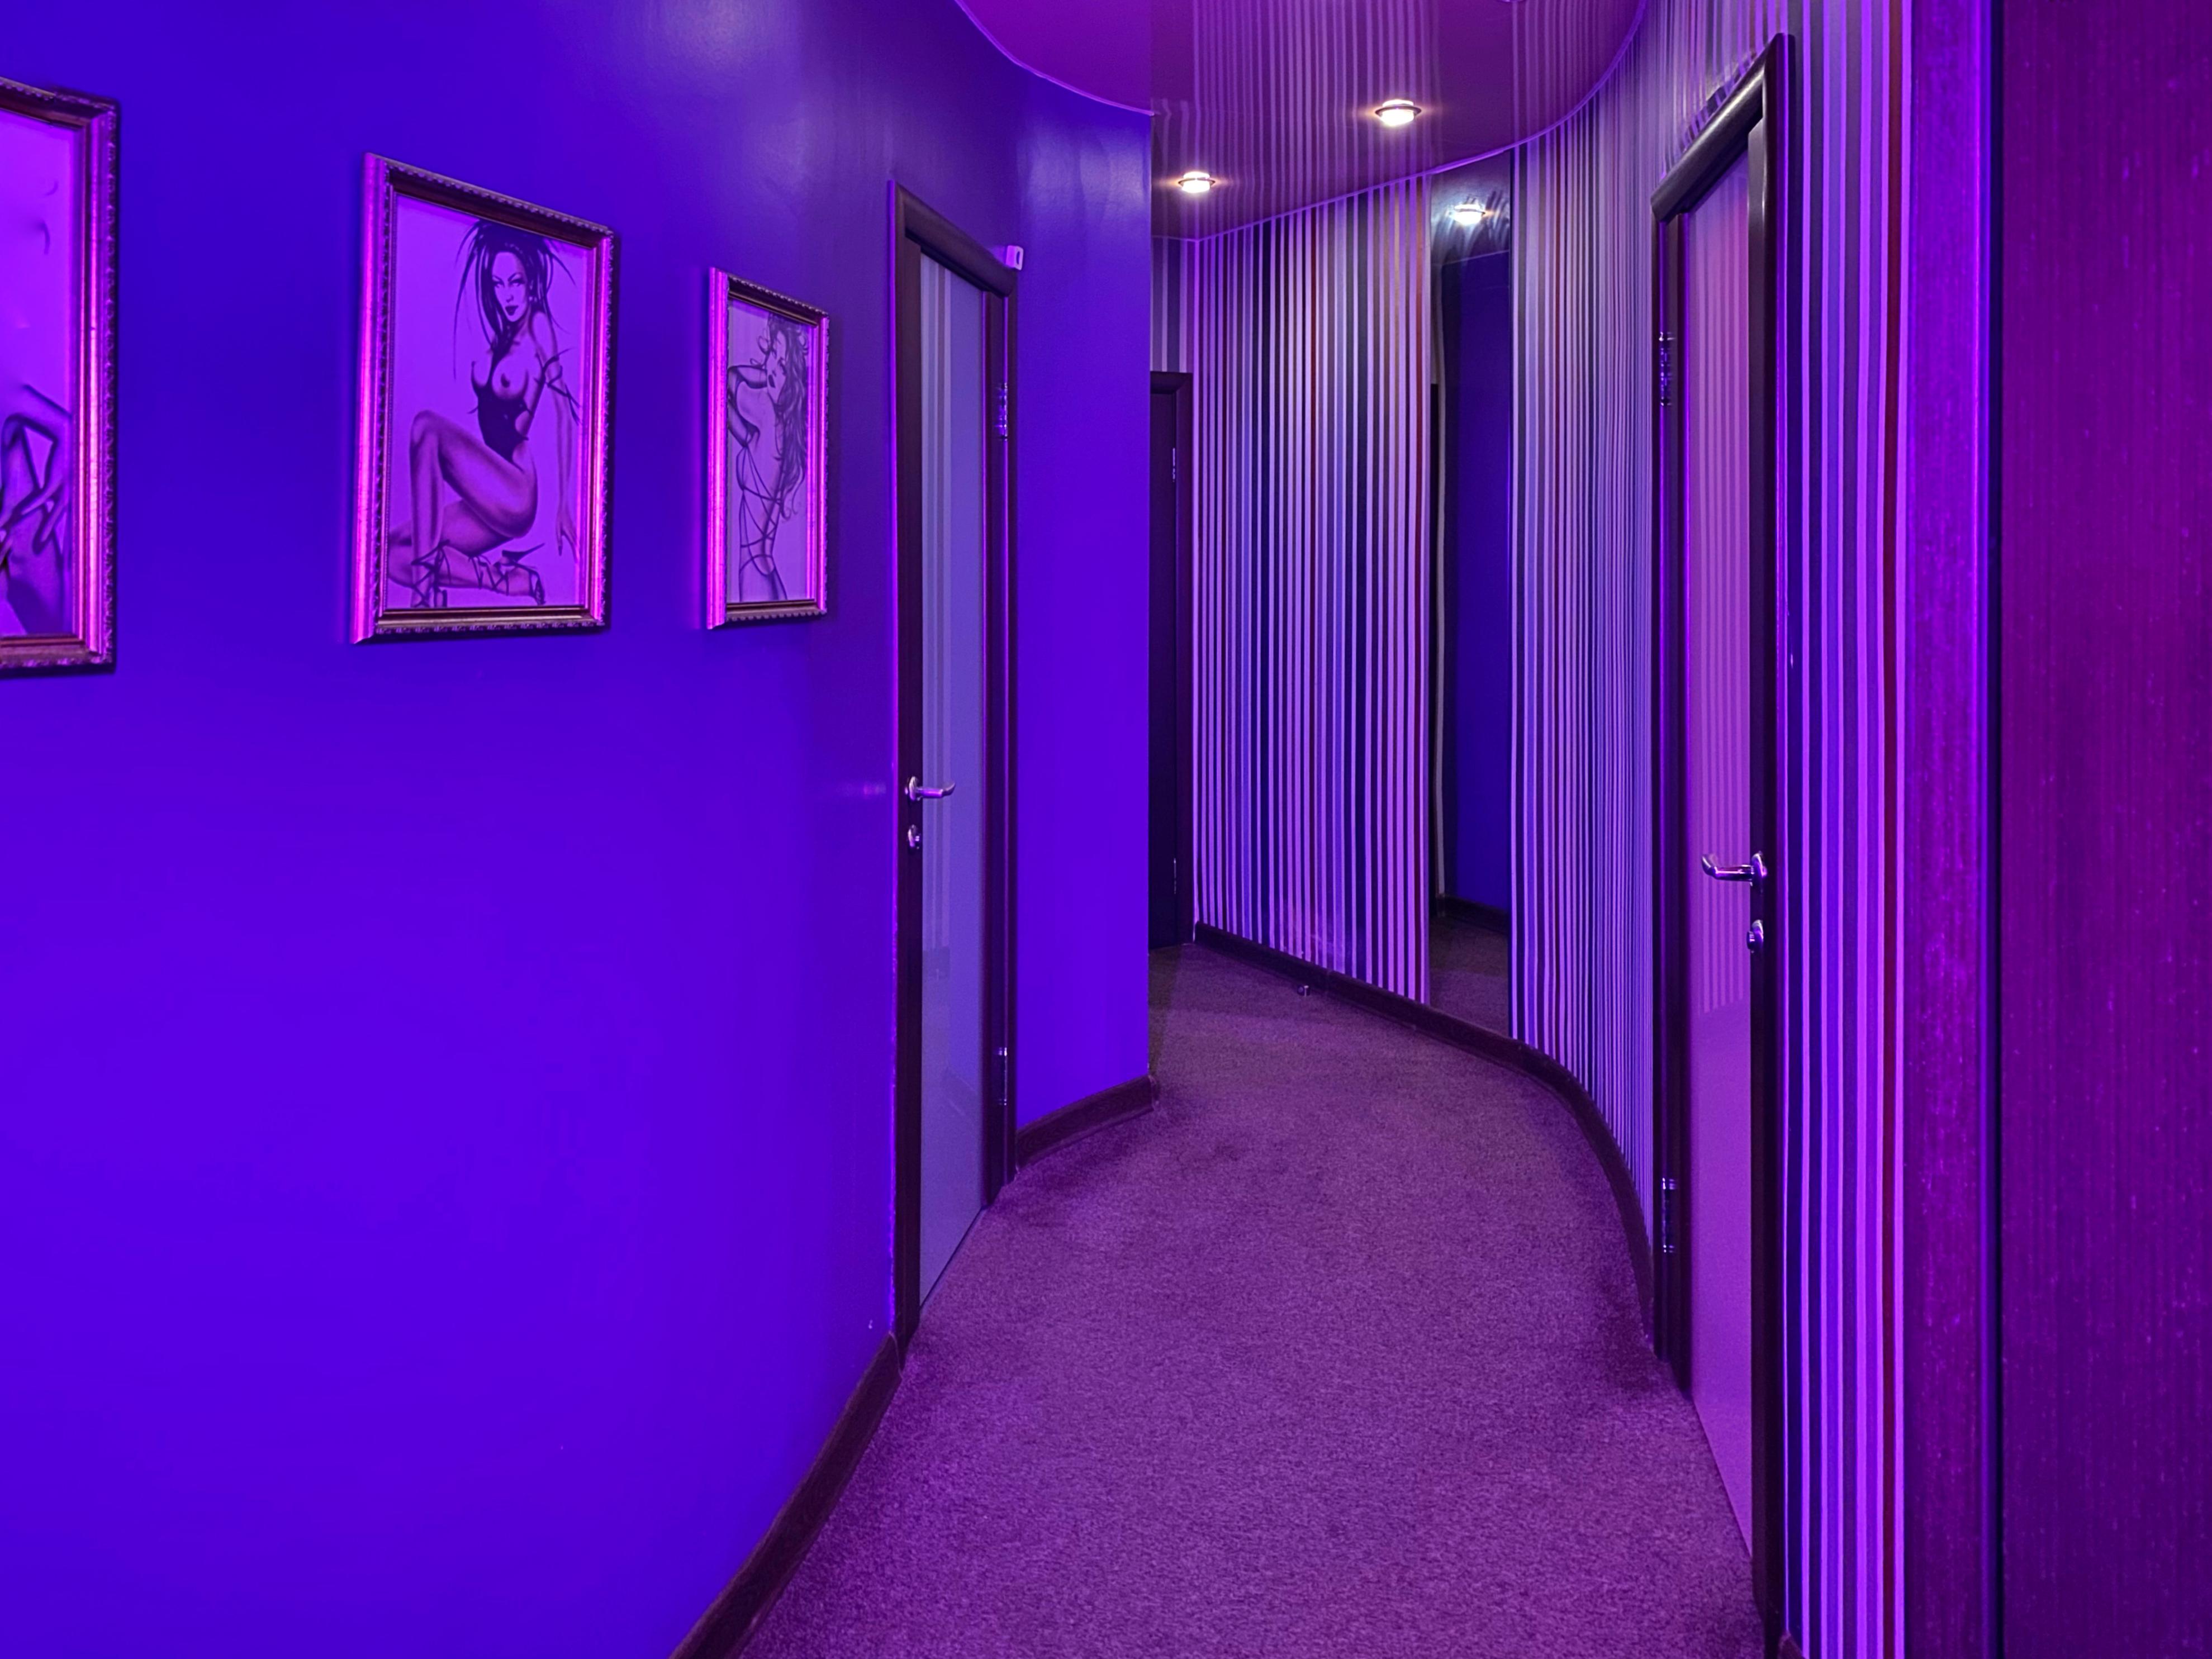 Длинный коридор с комнатами.